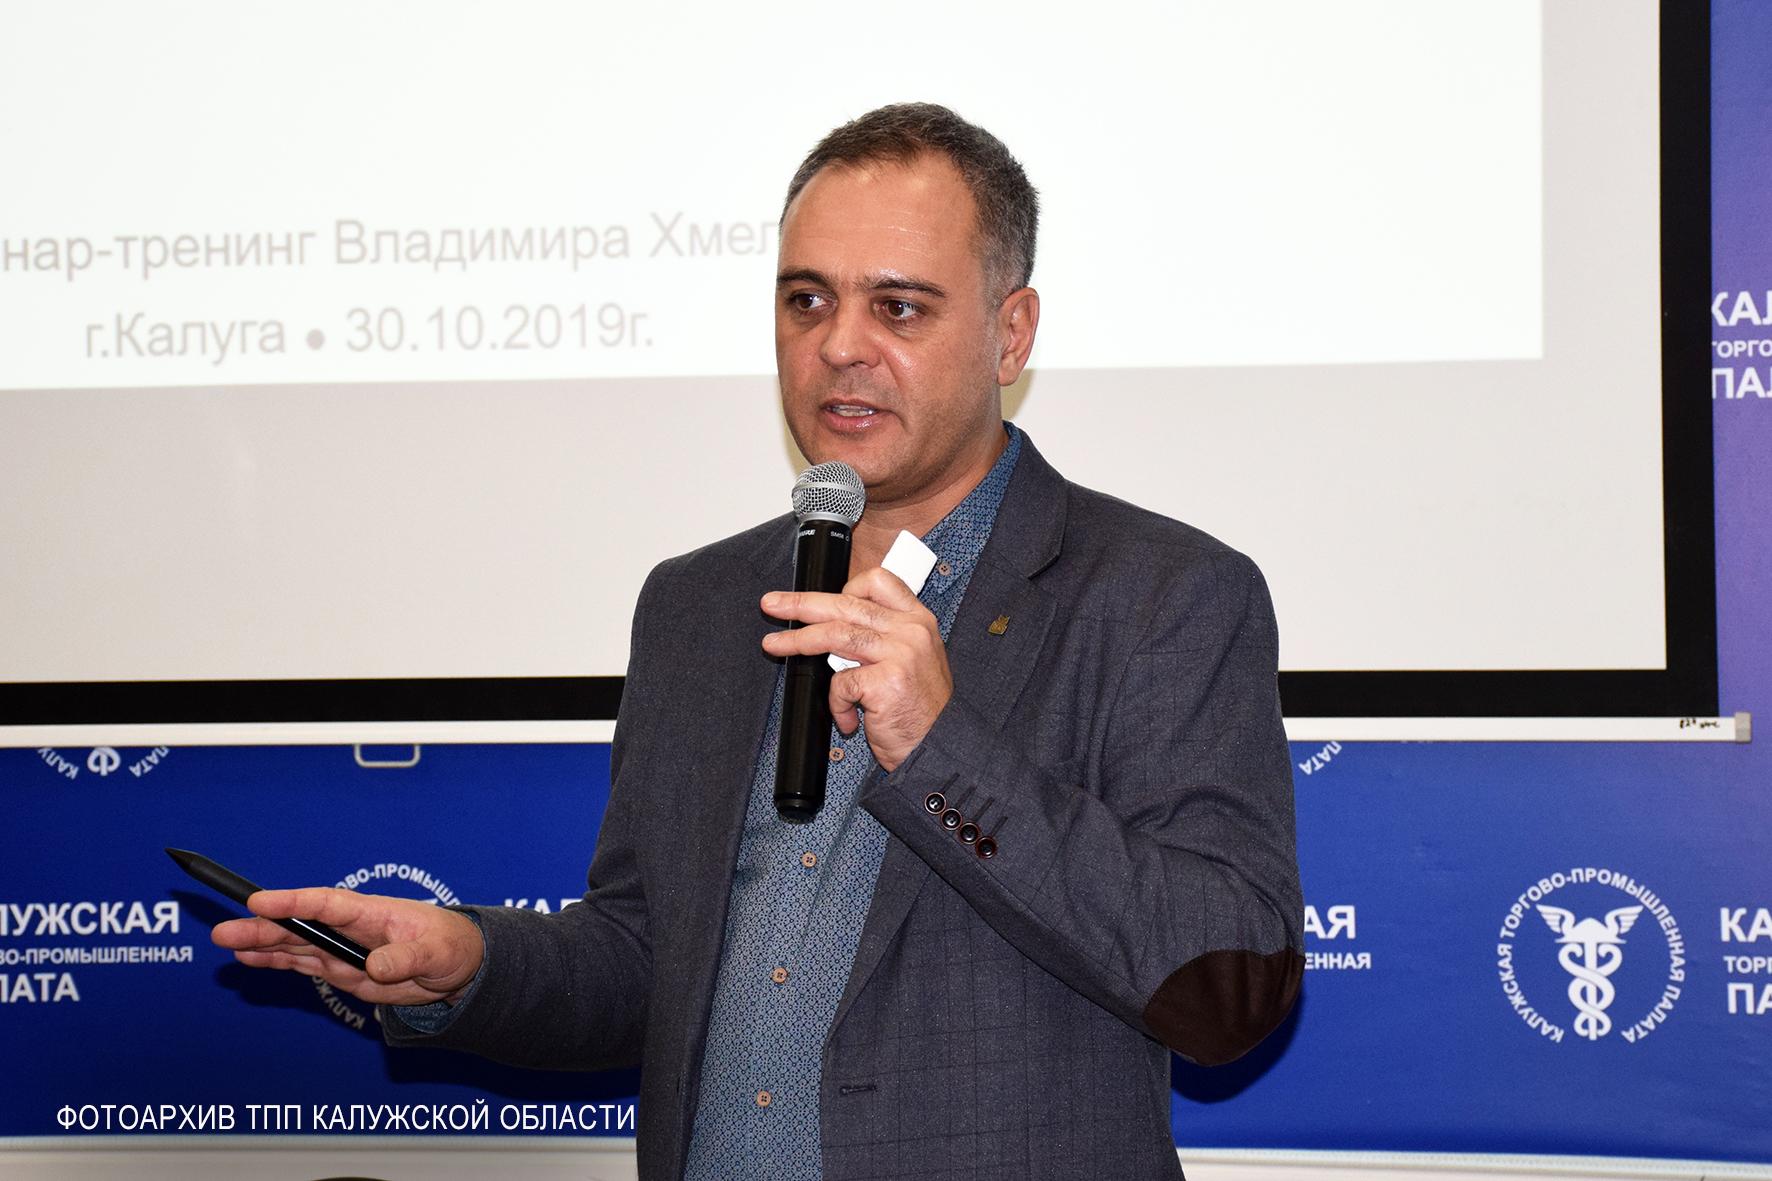 Семинар по применению ТРИЗ в коммерческой деятельности в ТПП Калужской области